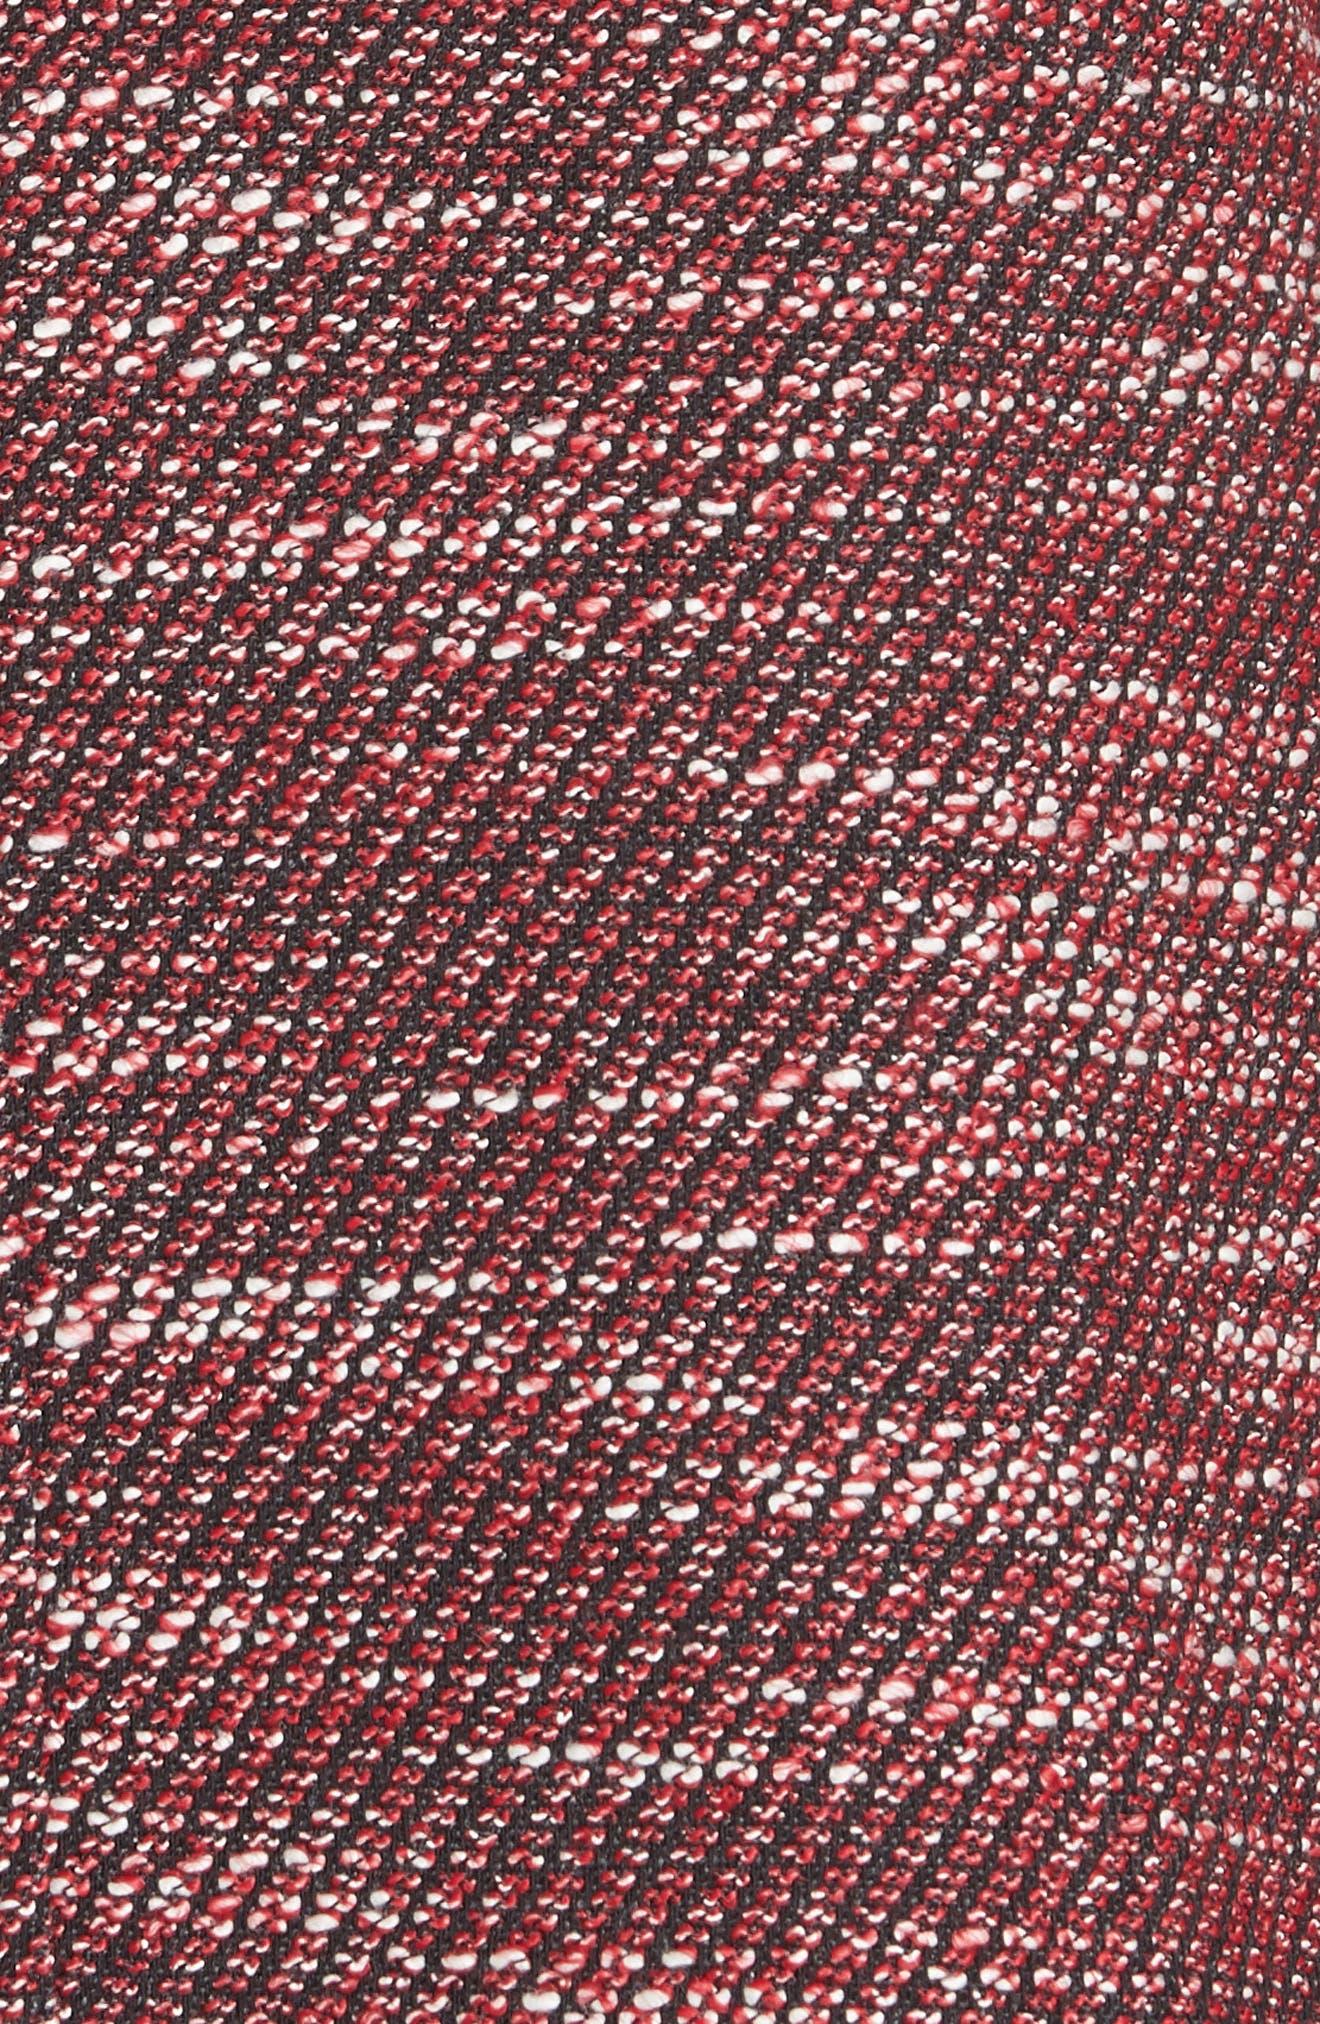 Kerrington Wool Blend Jacket,                             Alternate thumbnail 6, color,                             930